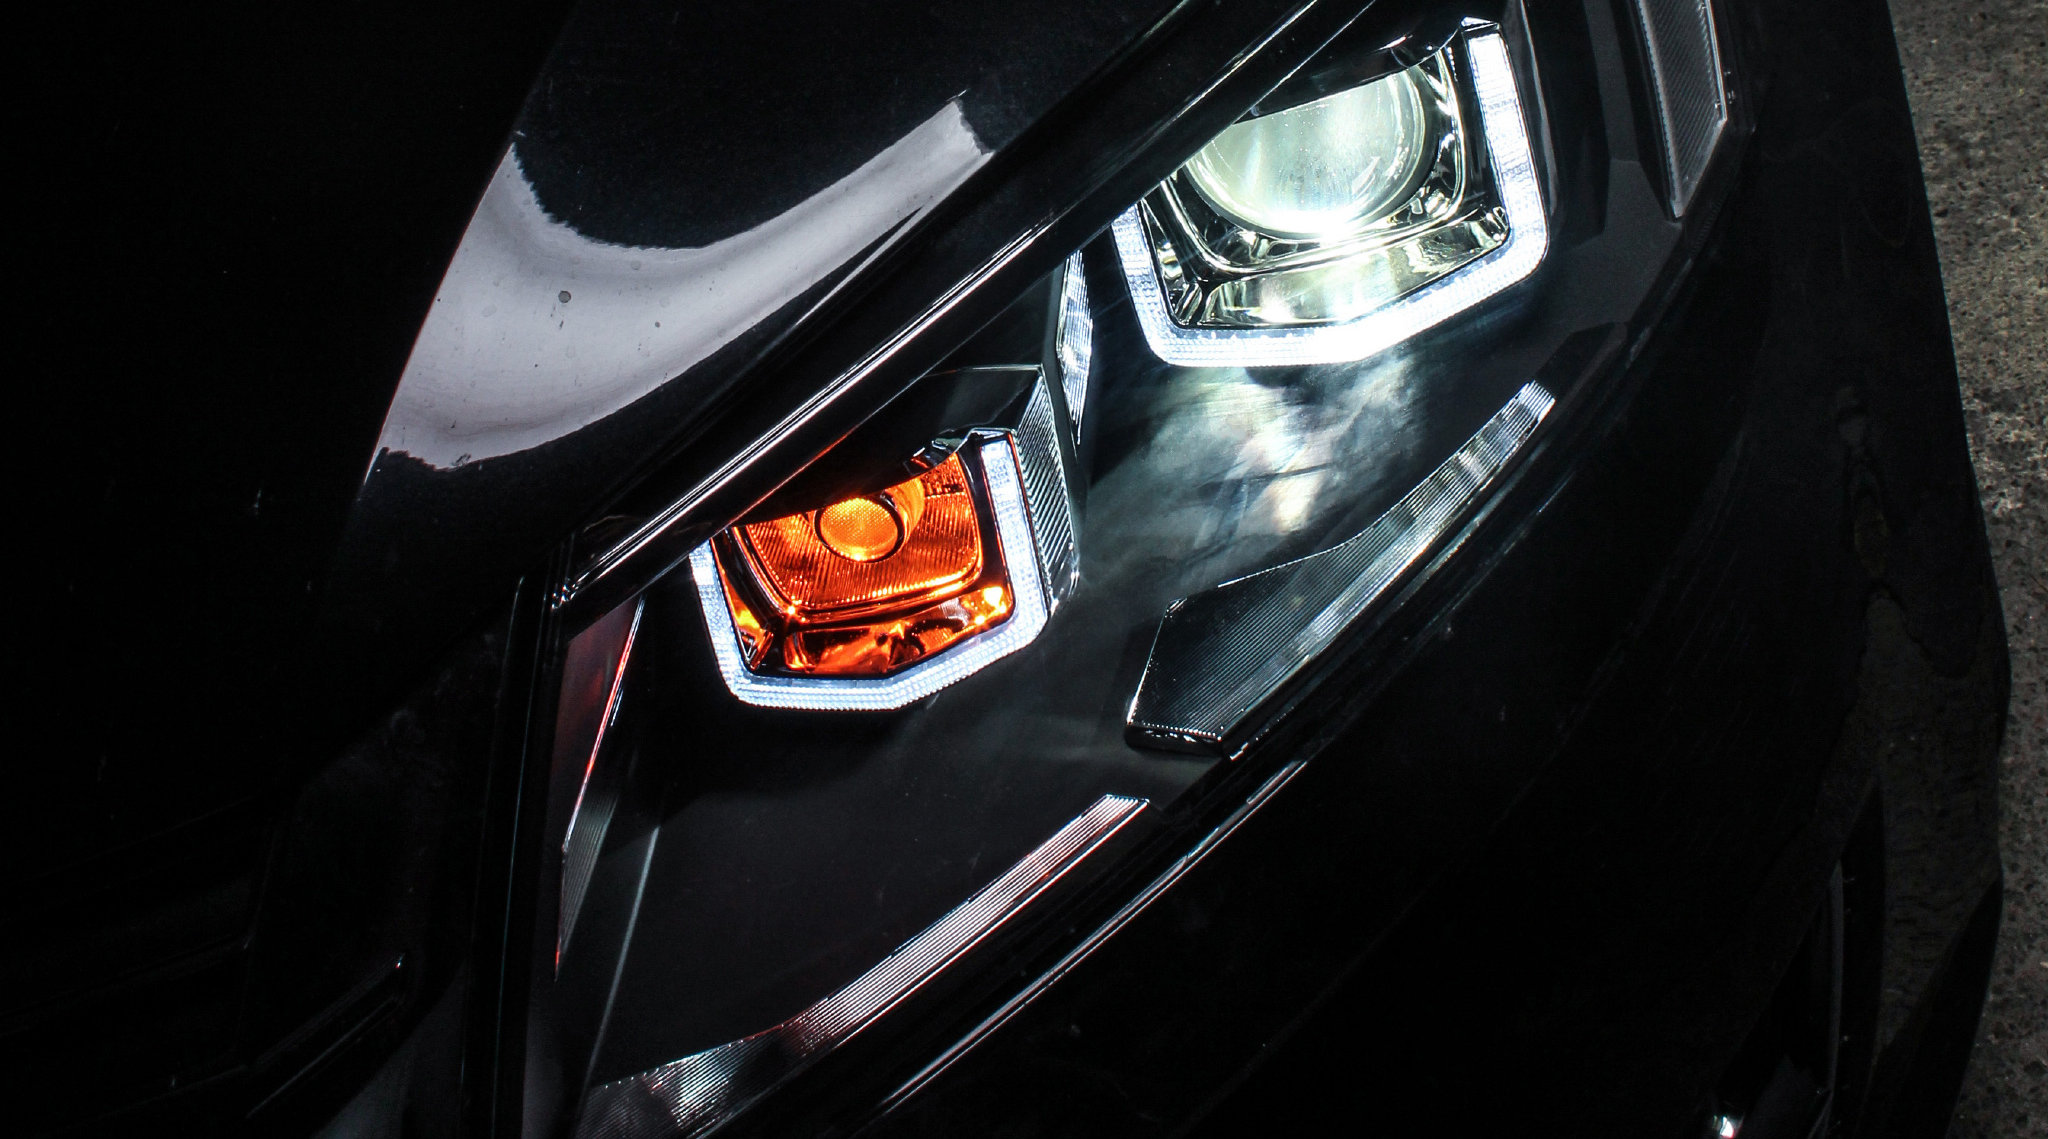 大众朗逸 双U大灯氙气大灯设计北京改灯解灯坊老白  德系车   